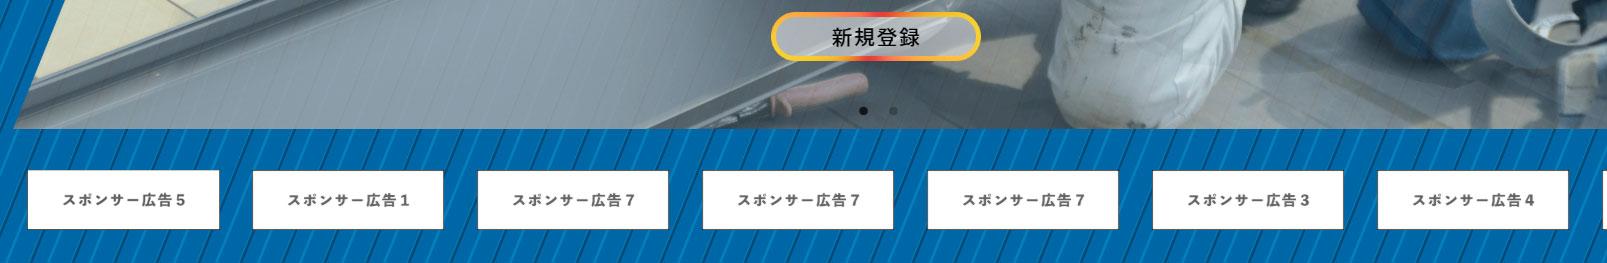 協賛タイプ②のバナー広告の掲載位置